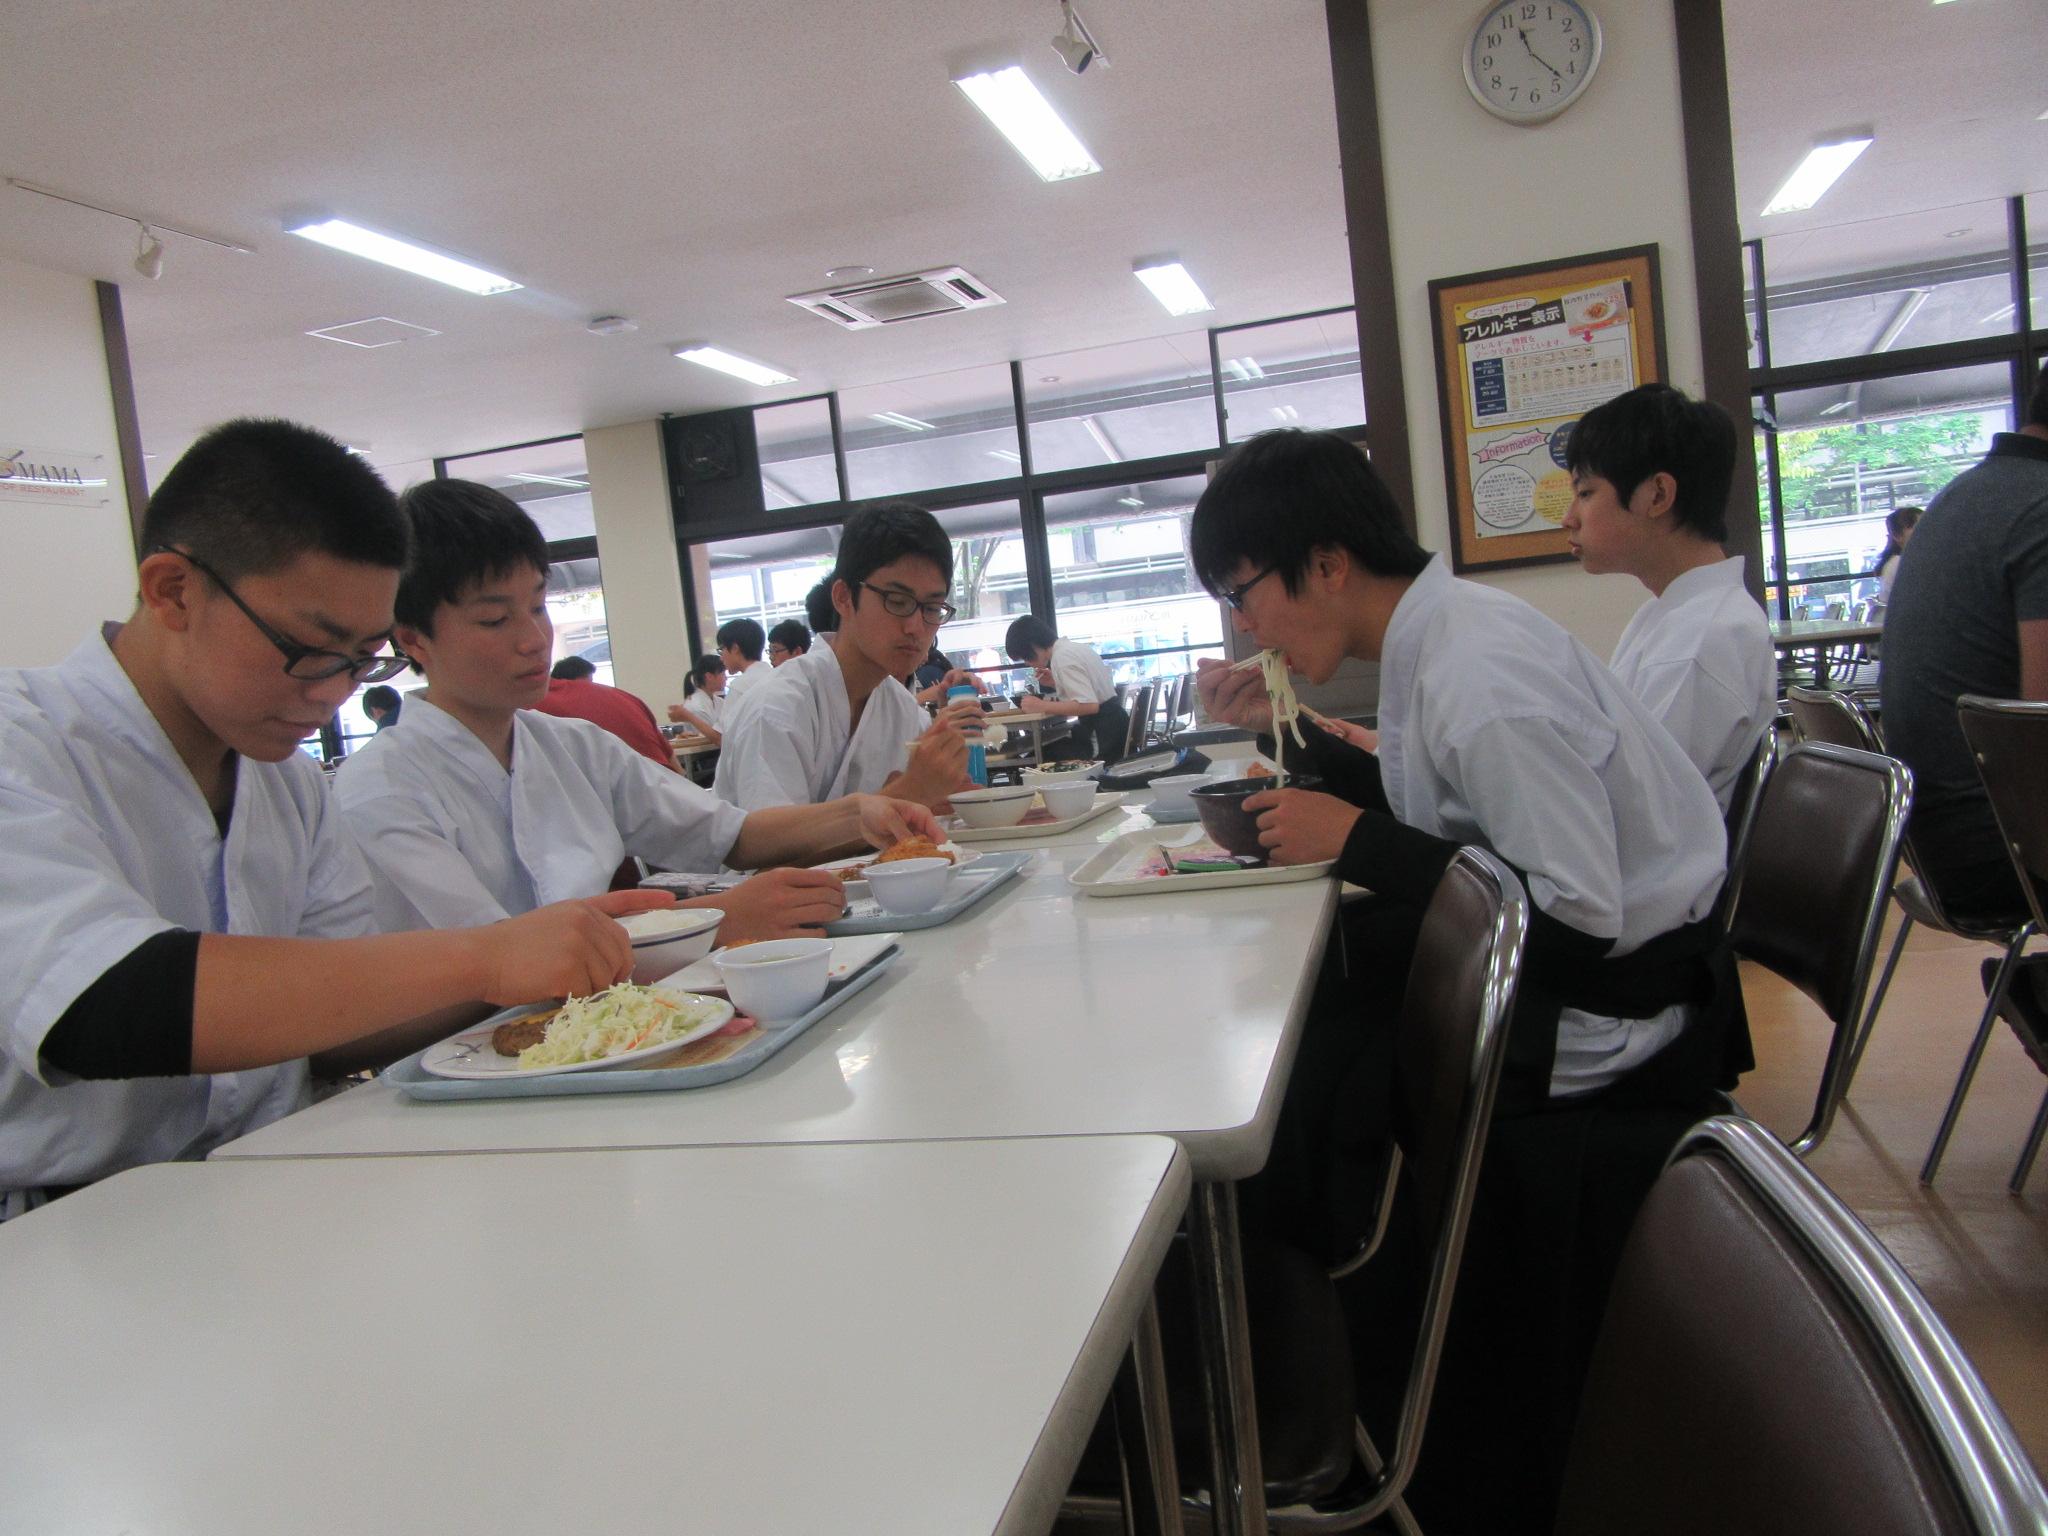 大学食堂、安いのでみんなビックリ、女子にはデザートが好評、男子はどんだけ喰うねん